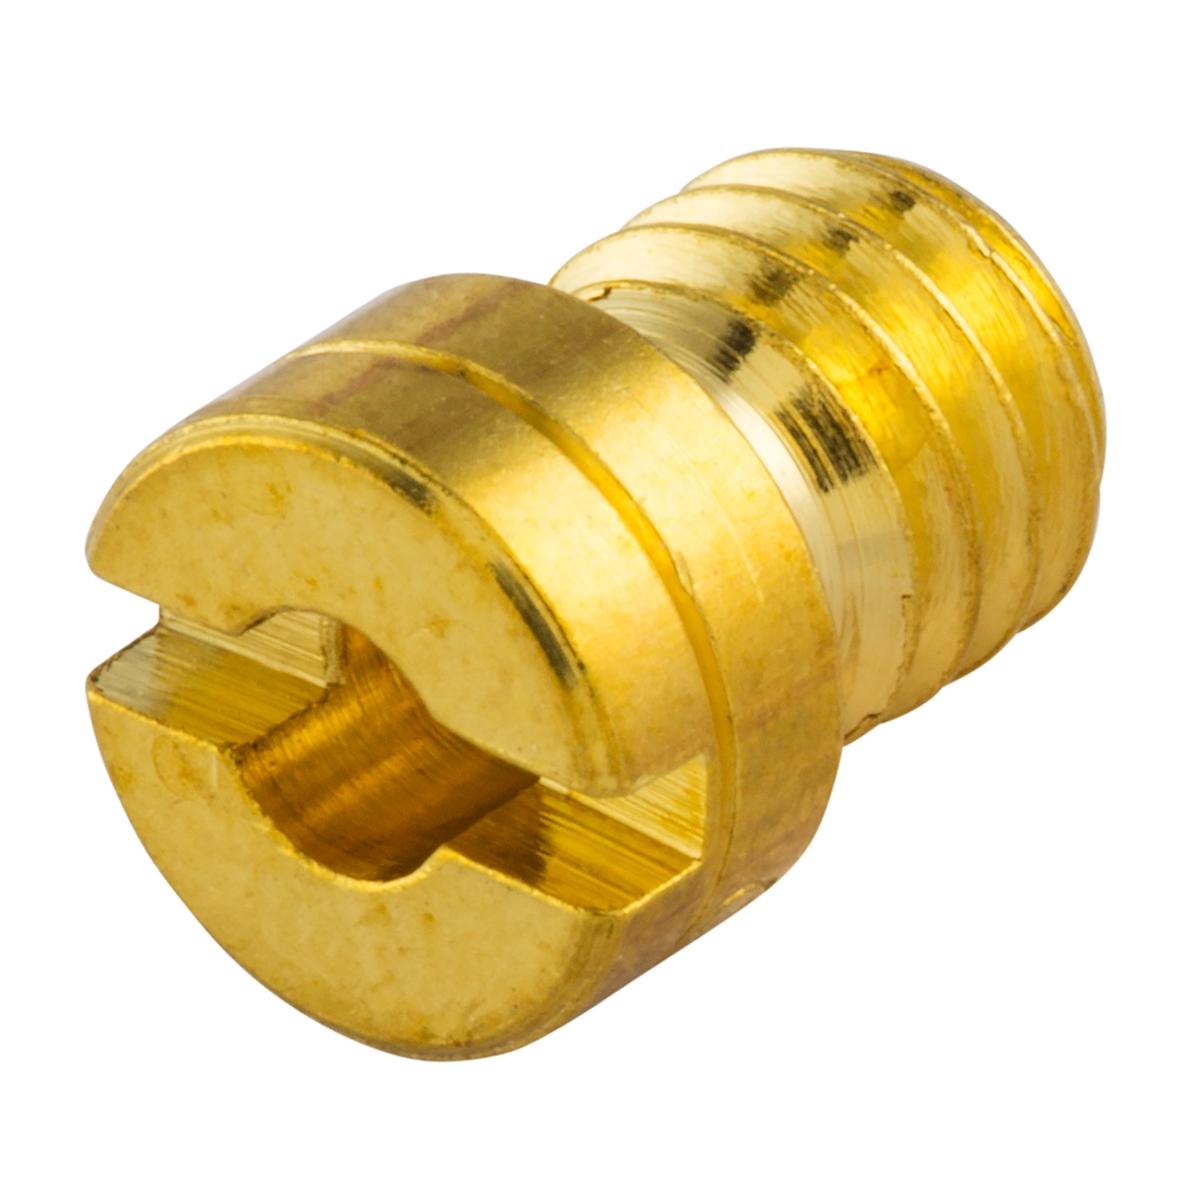 Produktbild für 'Hauptdüse 88 Ø 5 mm'